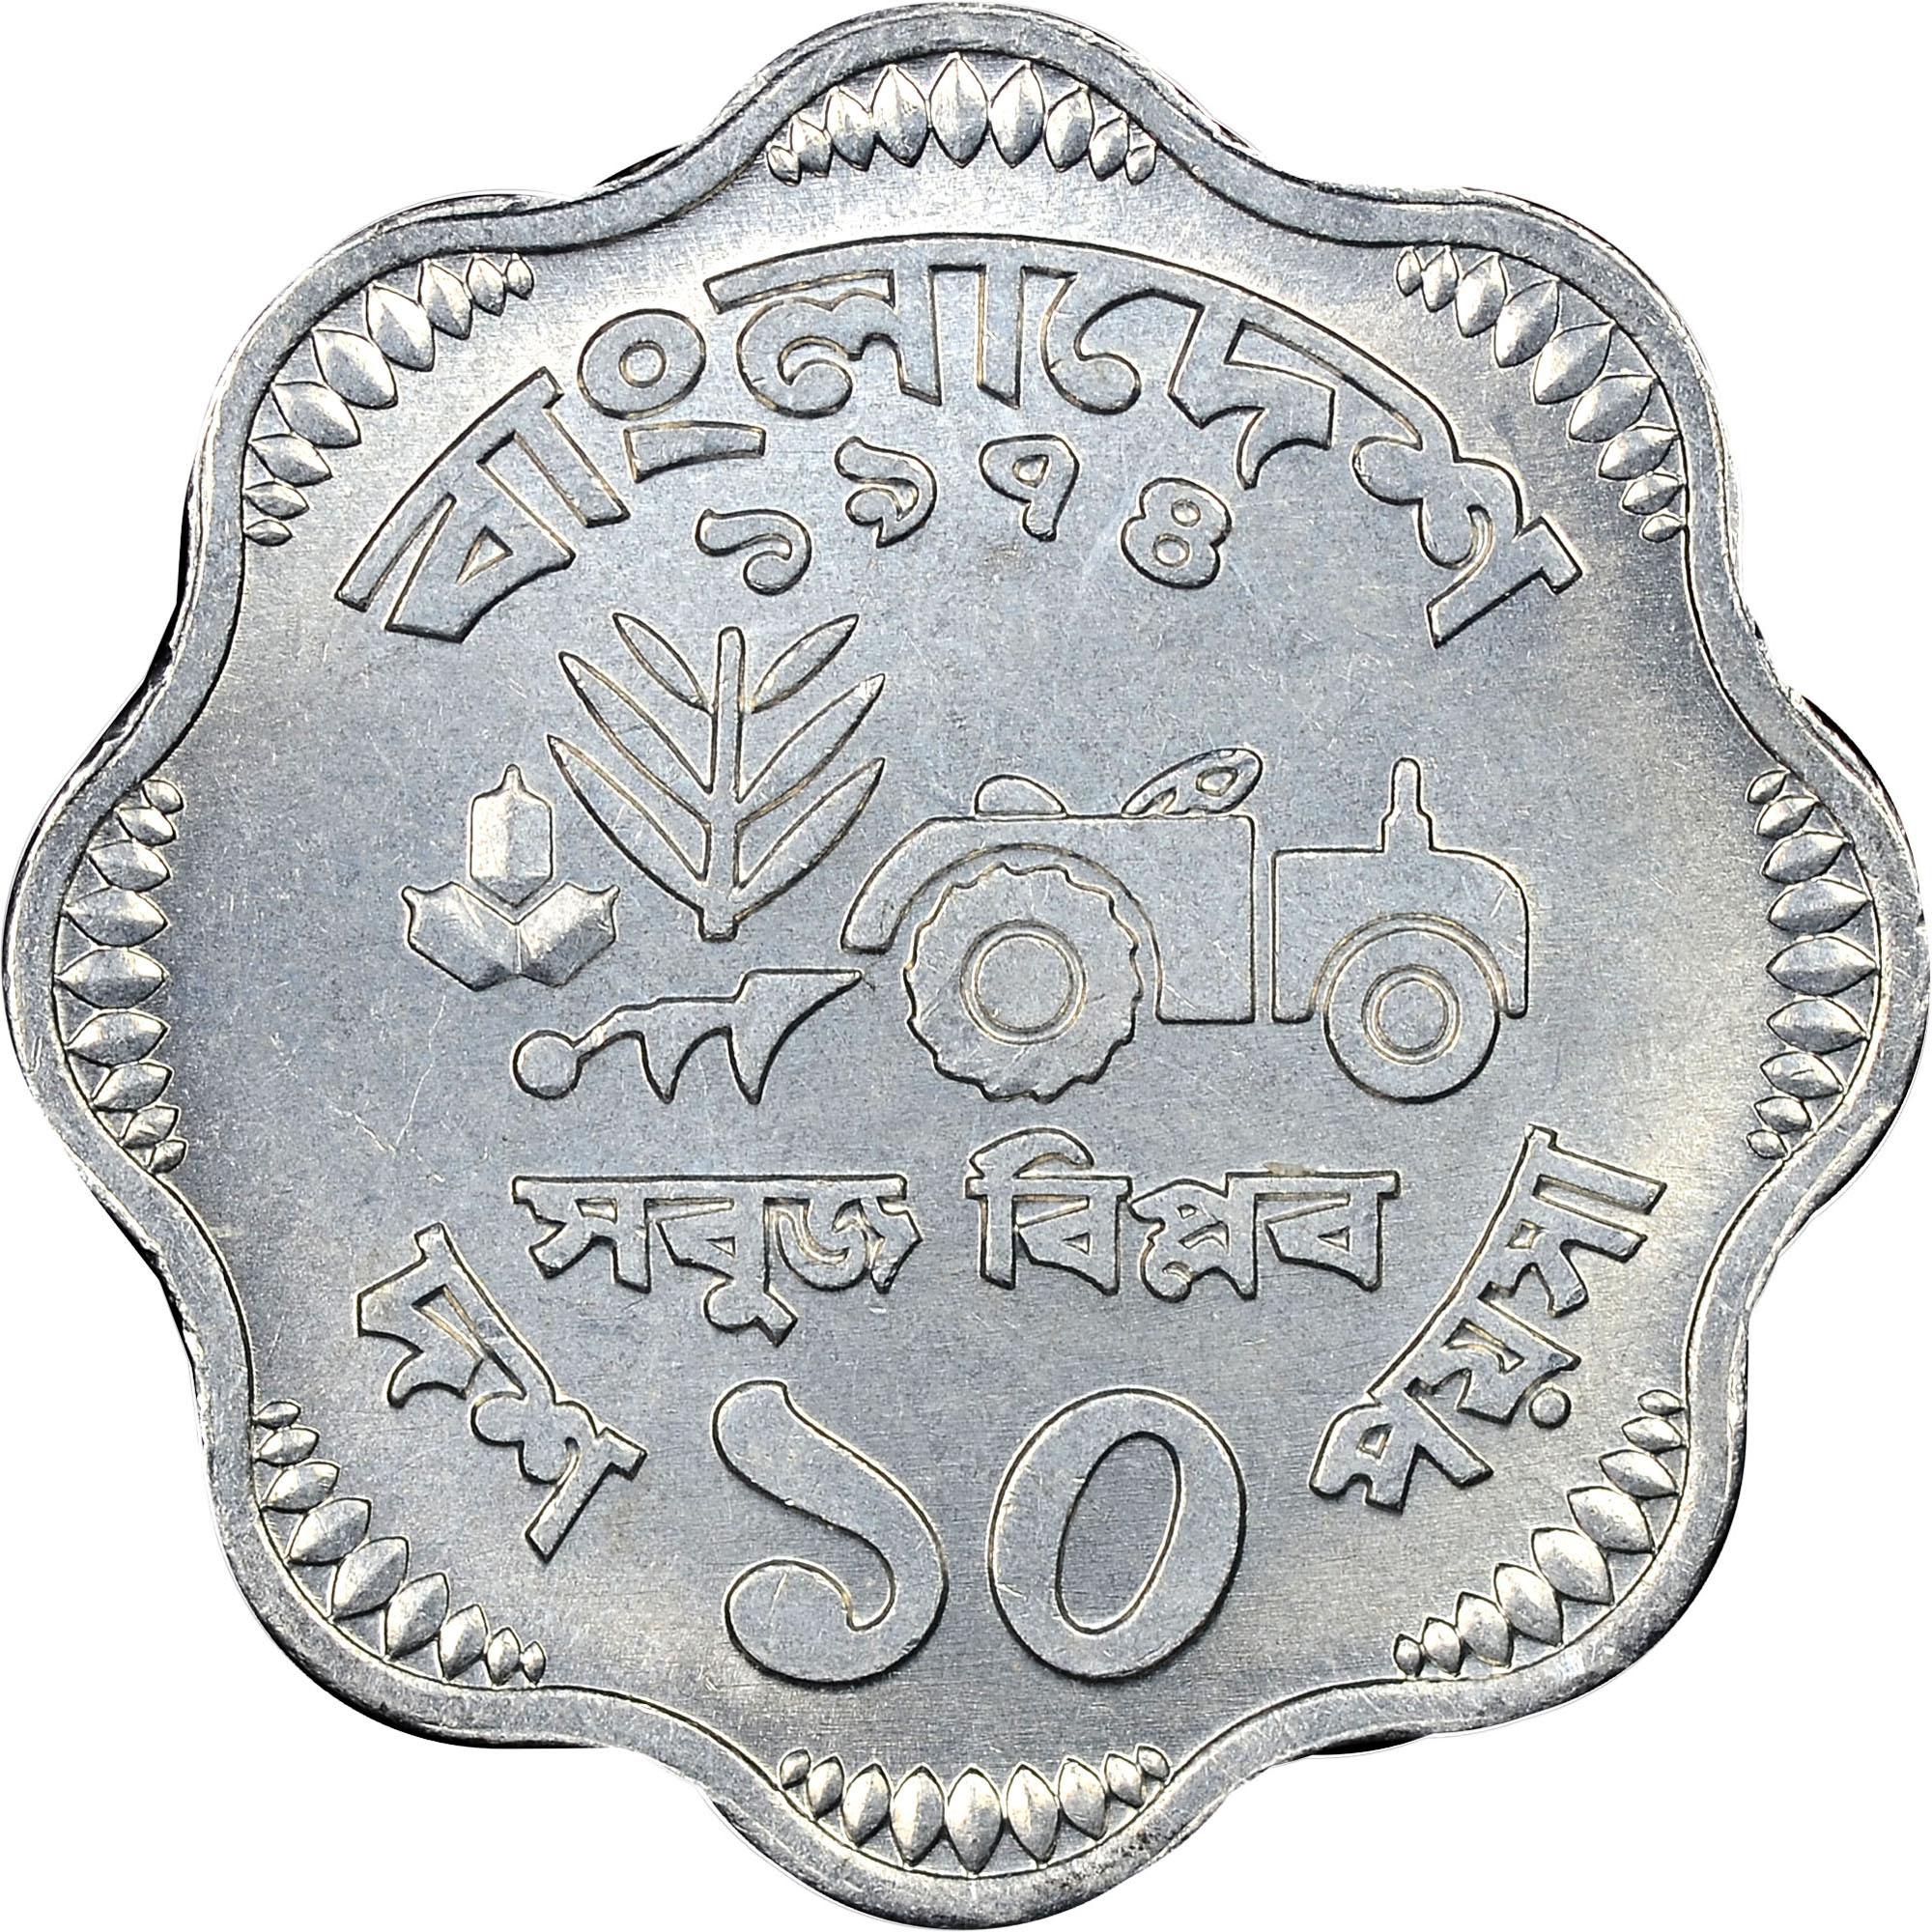 Bangladesh 10 Poisha reverse